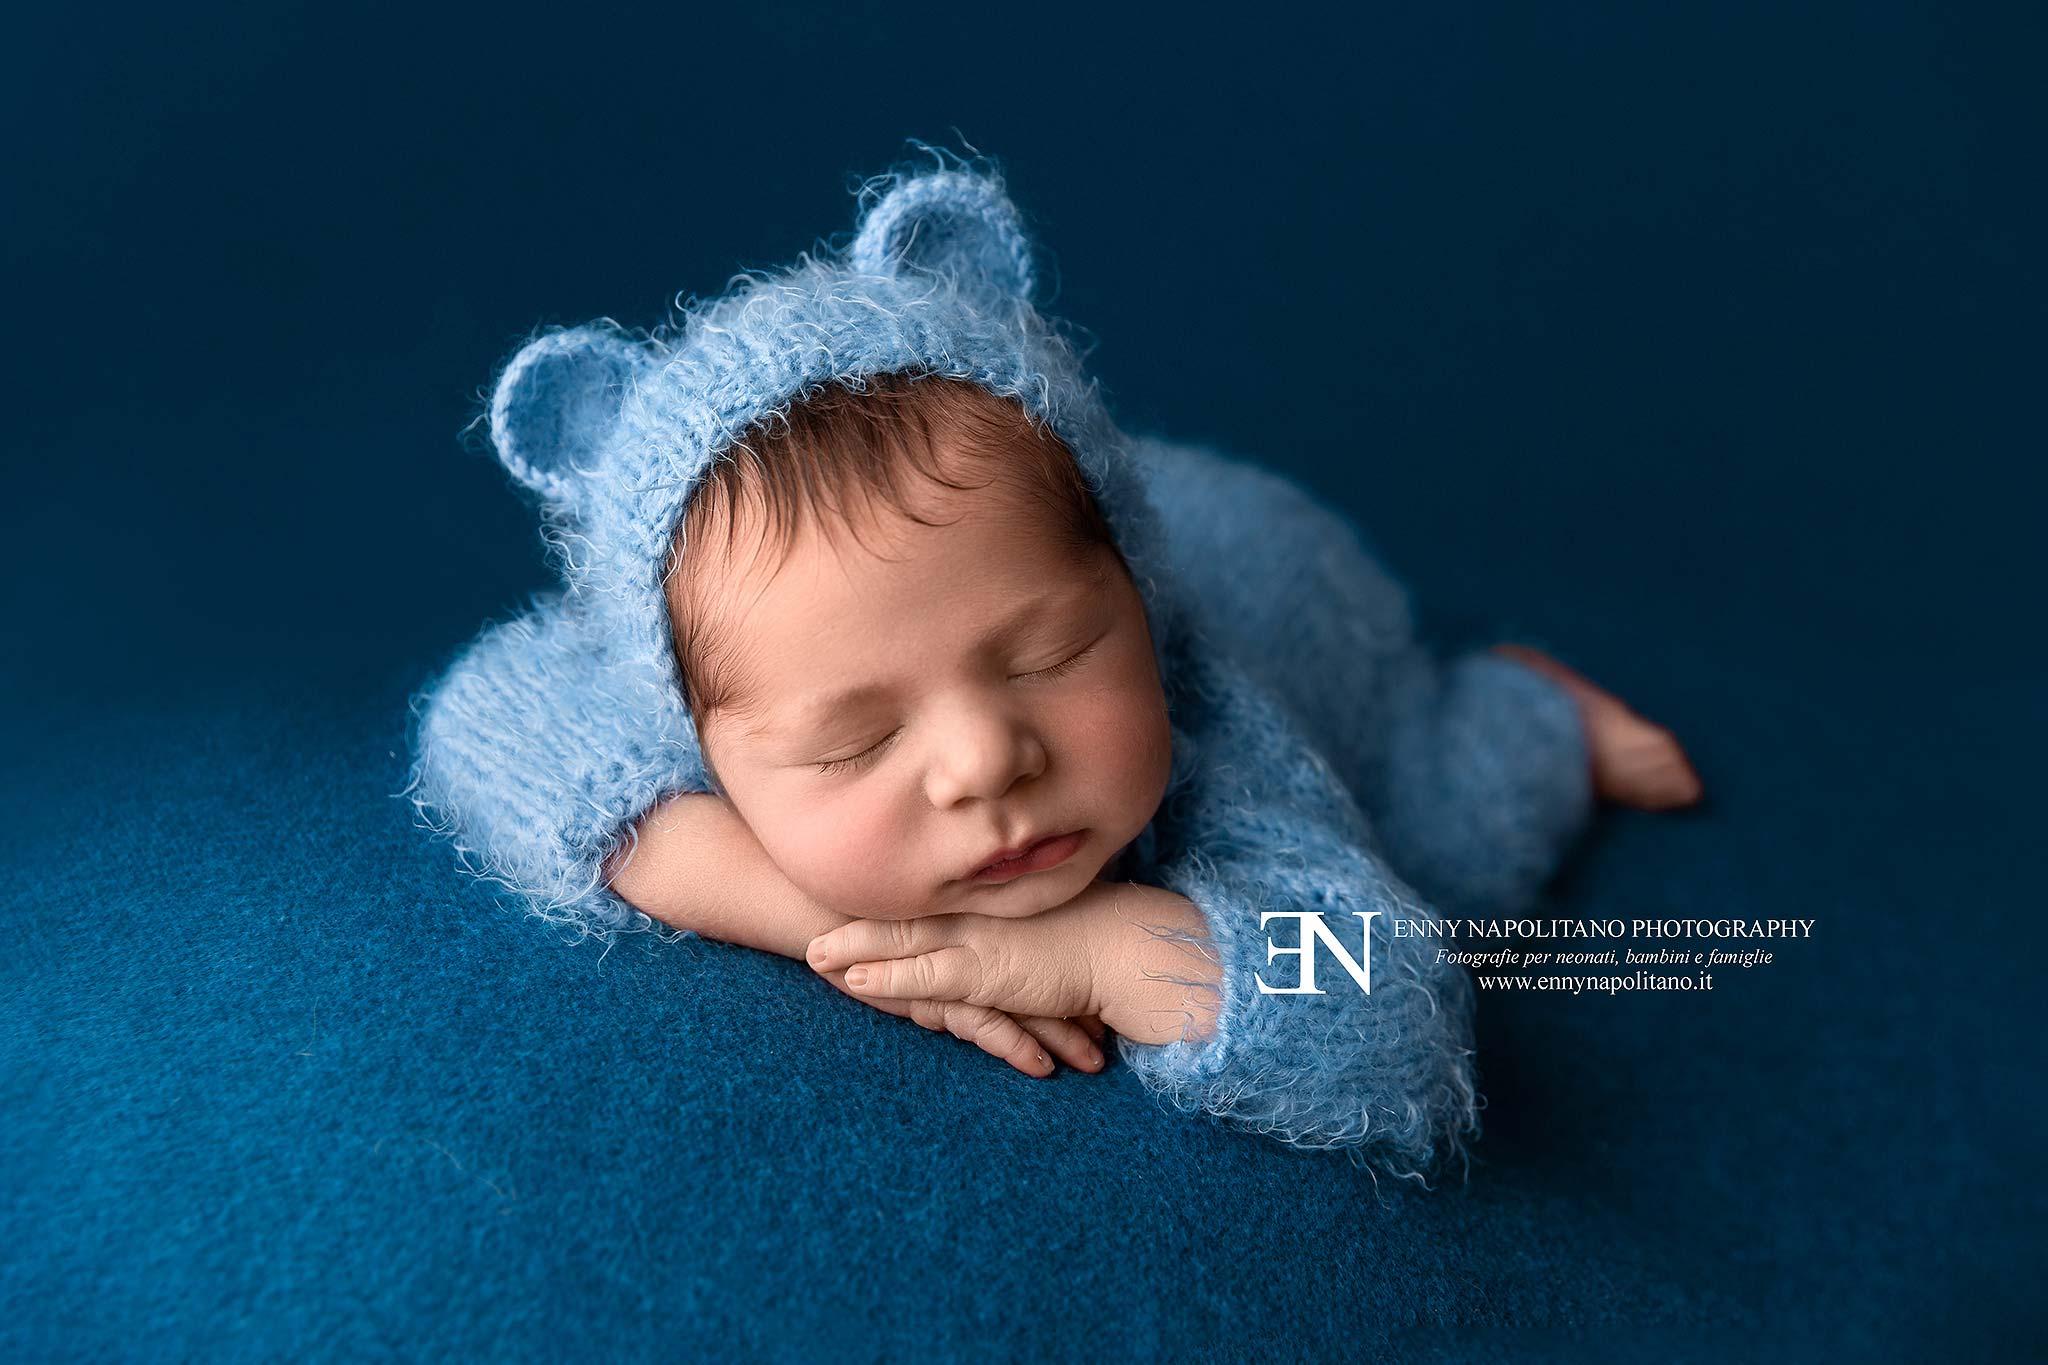 Fotografo di neonati newborn di bambini Milano, Pavia, Monza, Bergamo, Varese